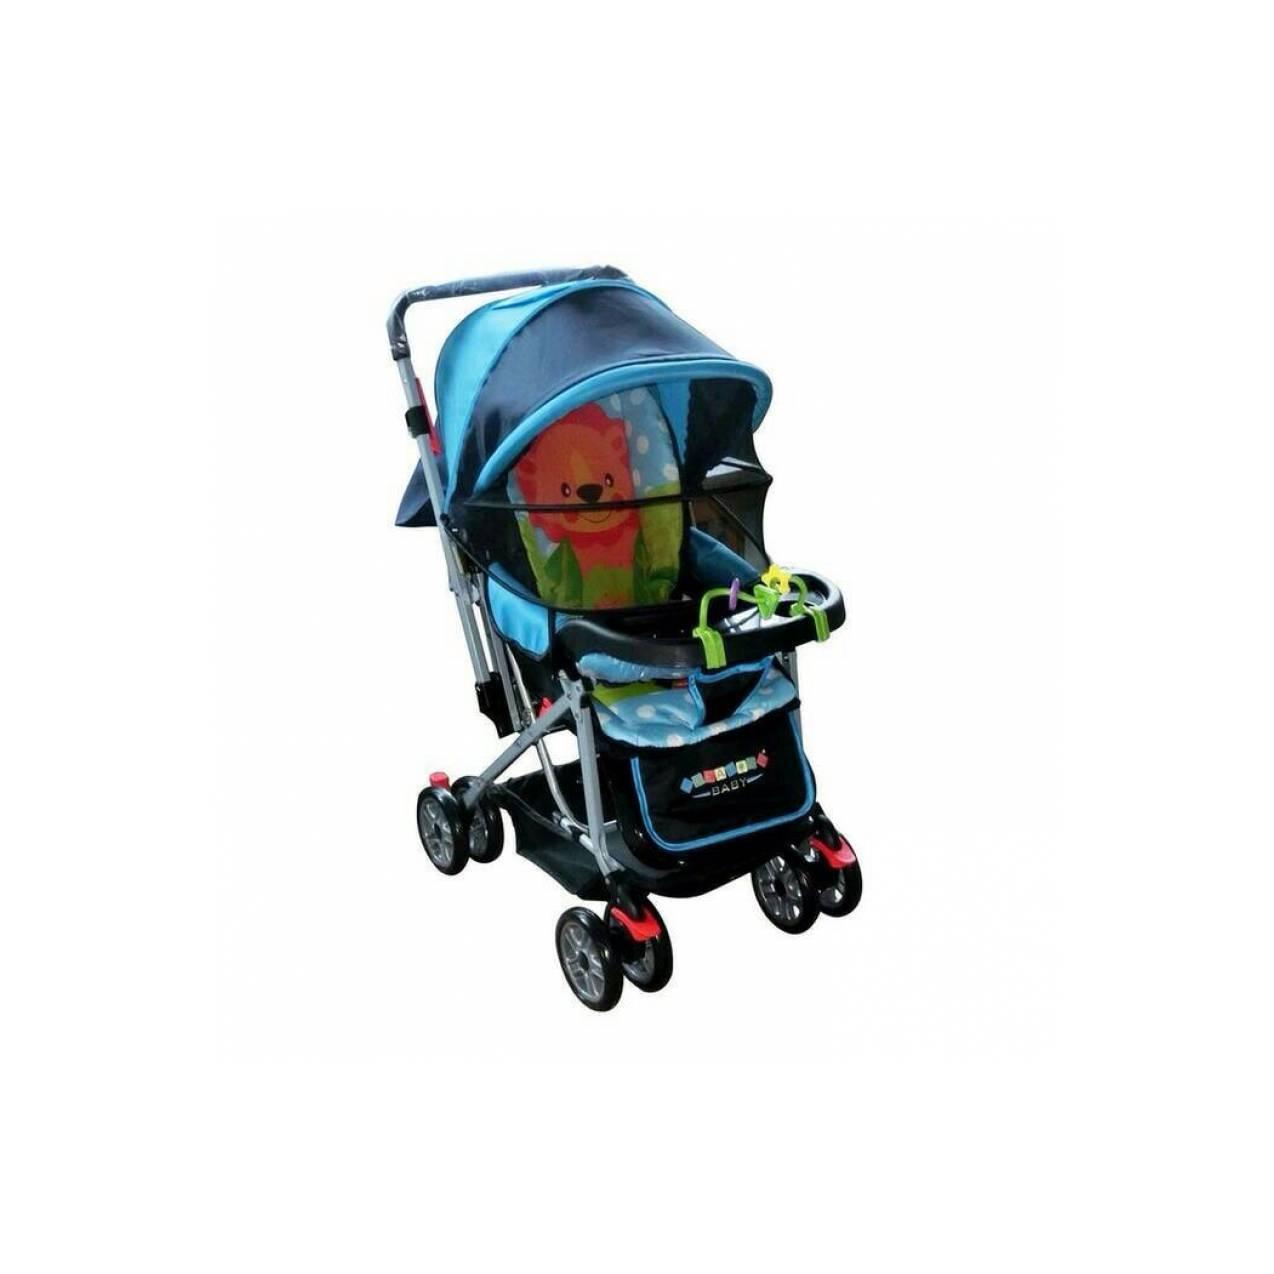 kereta dorong stroller anak bayi pliko creative baby